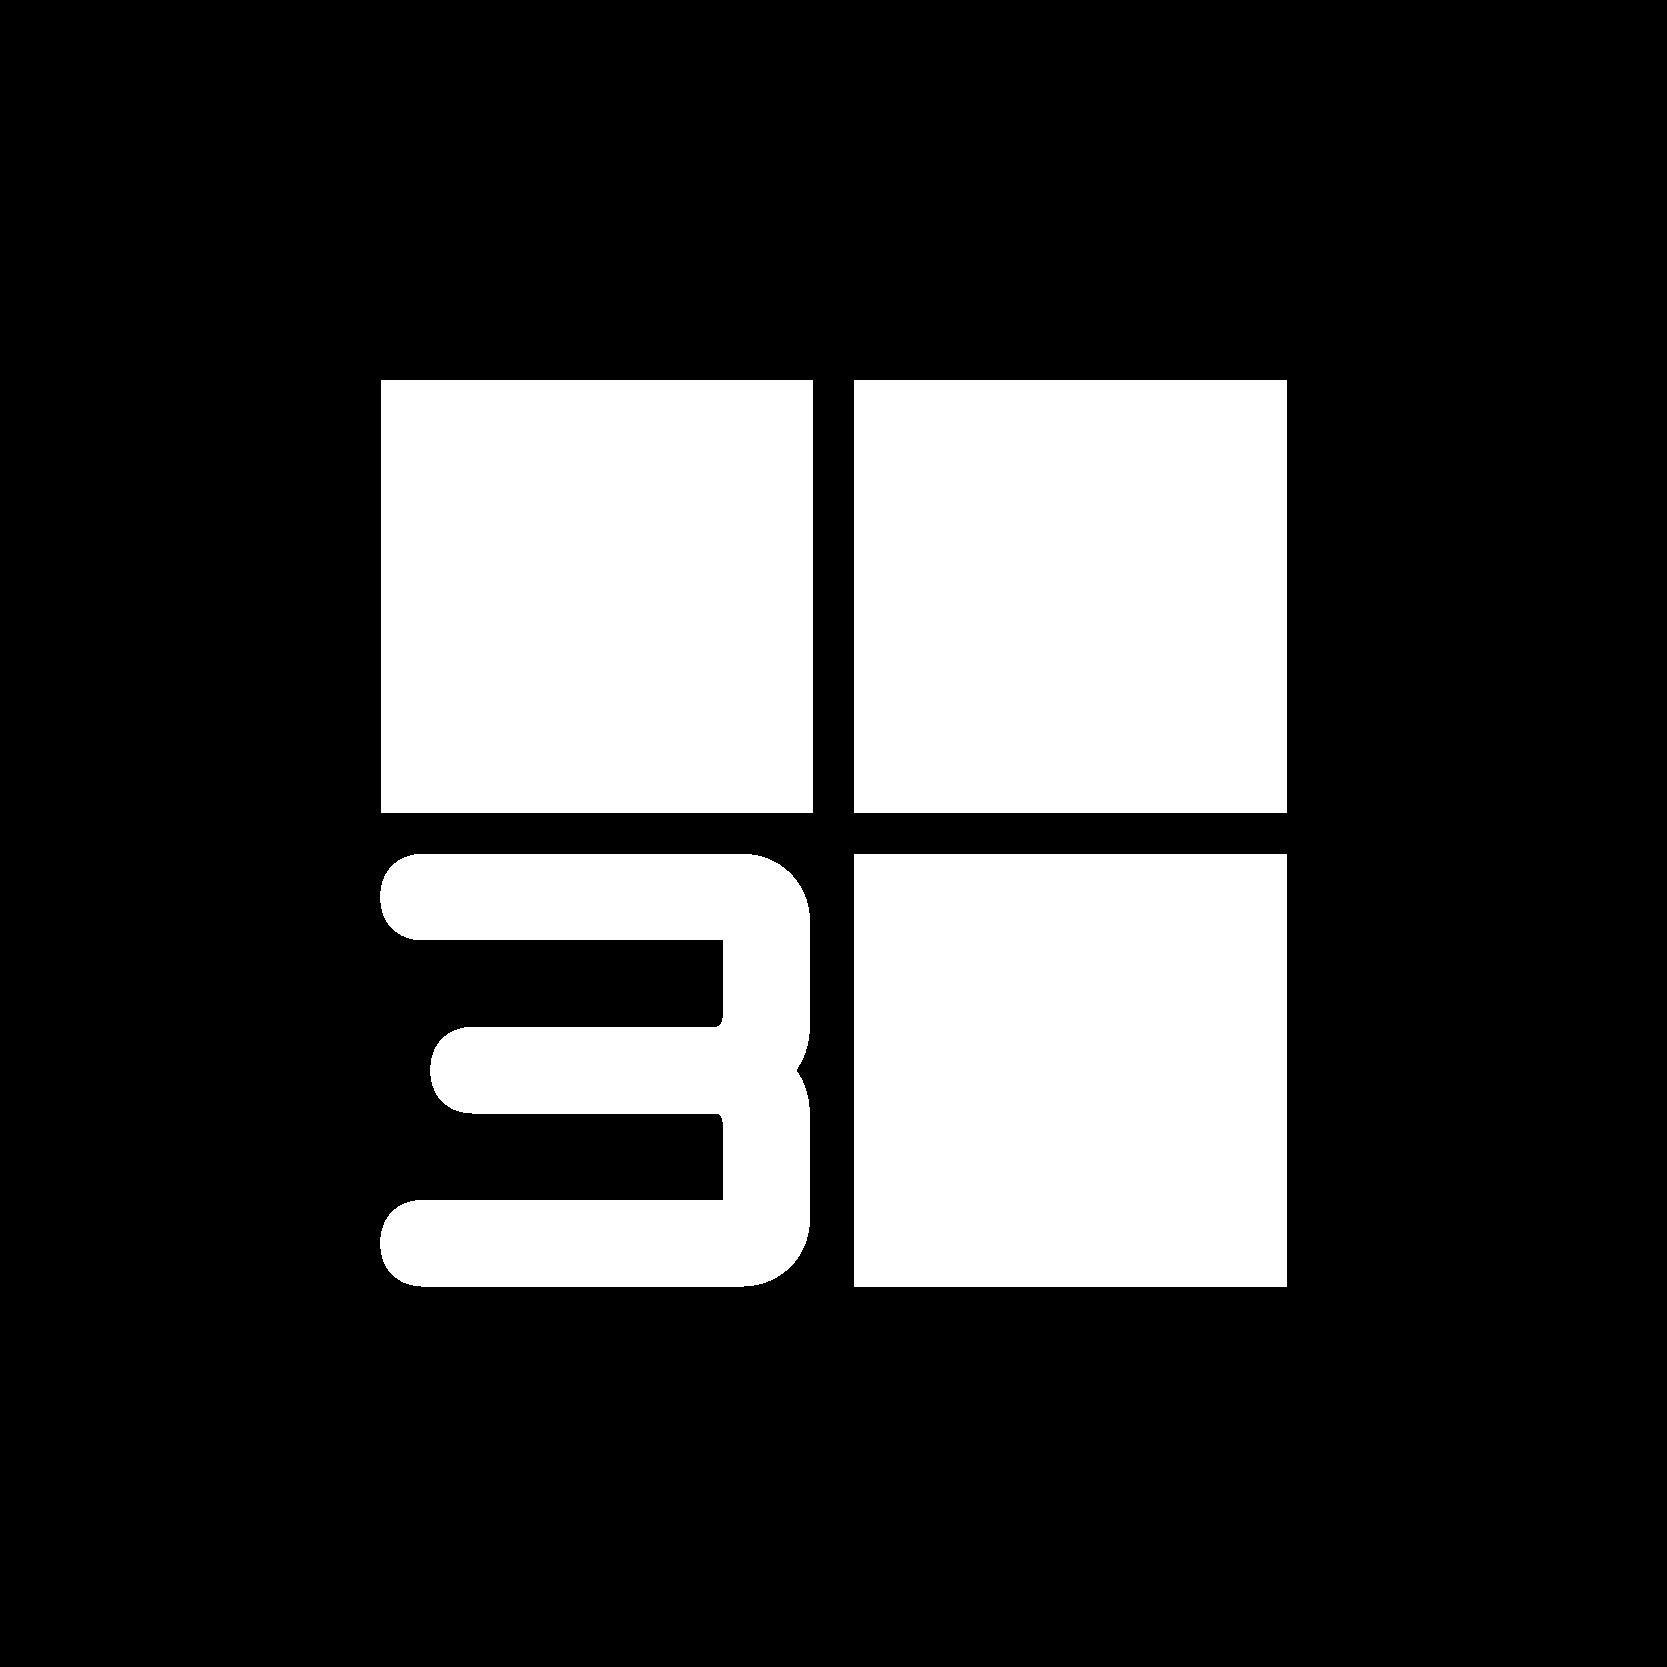 3sa_uk's avatar